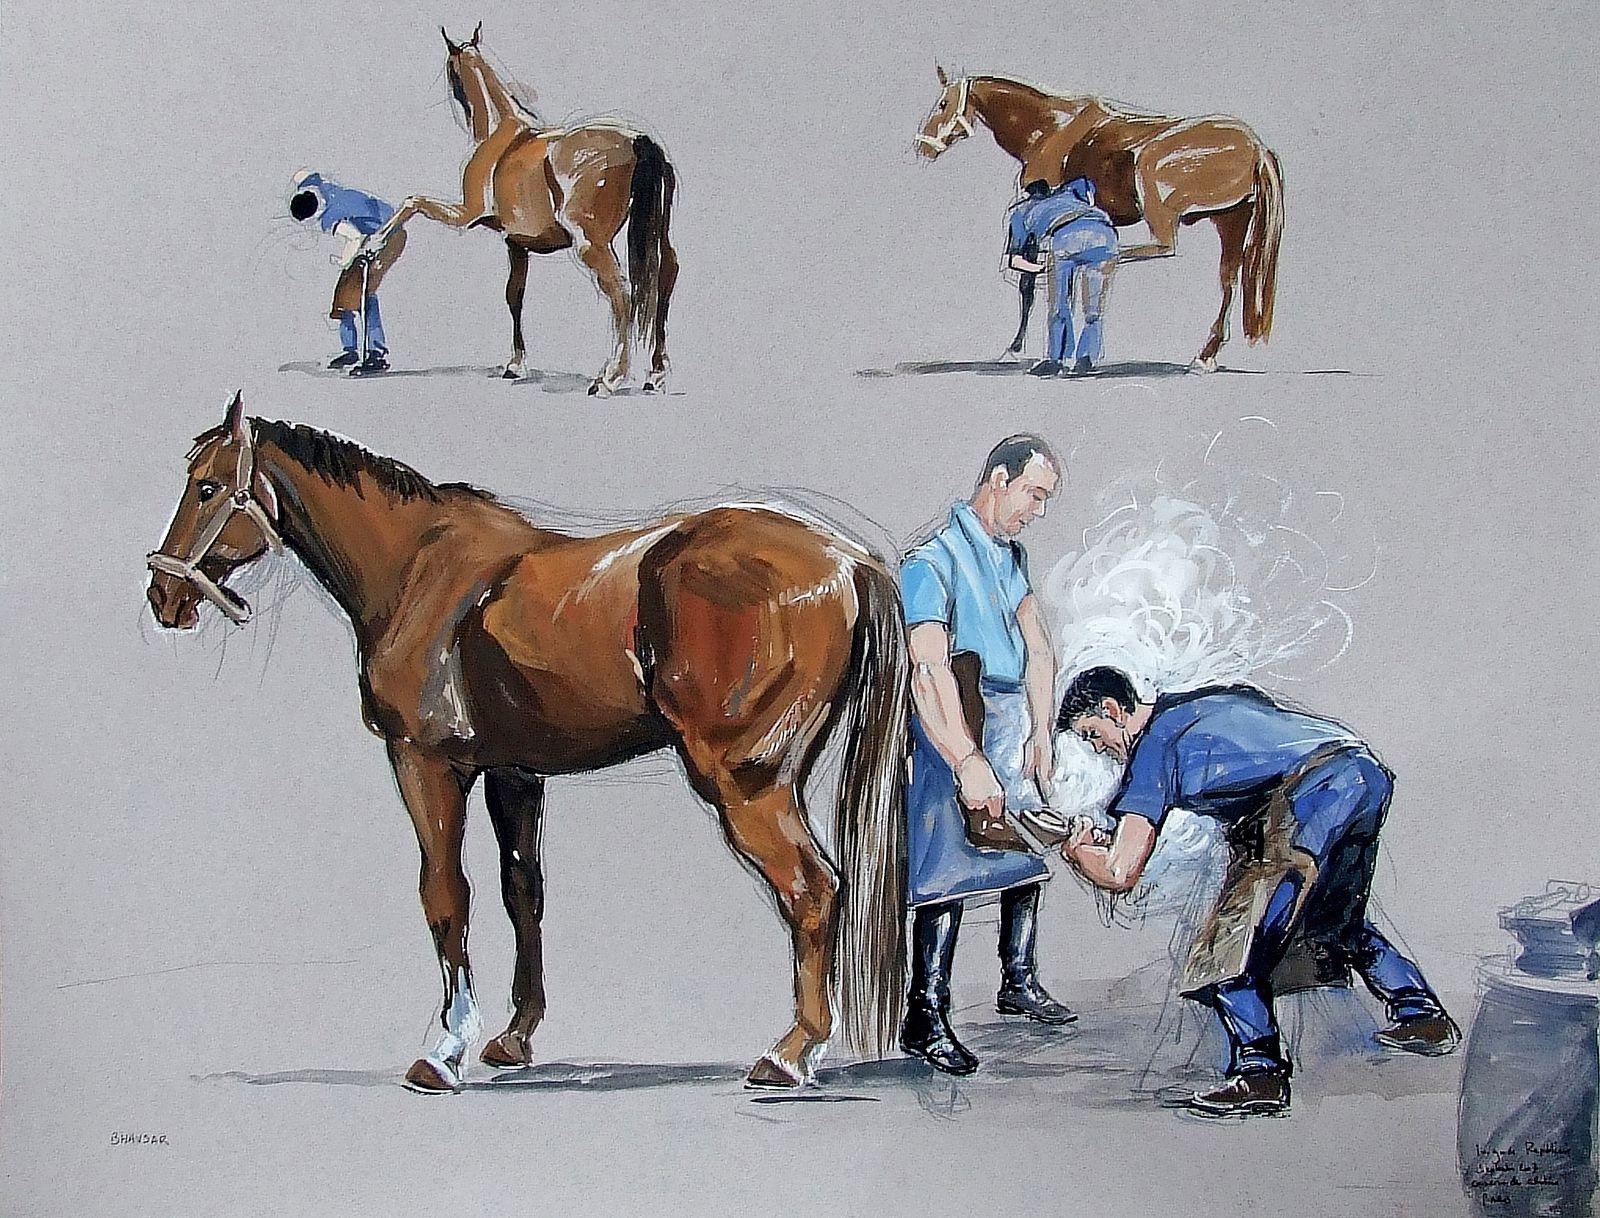 Pendant les six premier mois de l'année 2007, tous les vendredis, j'ai été peindre la vie des chevaux au quartier des Célestins à Paris.